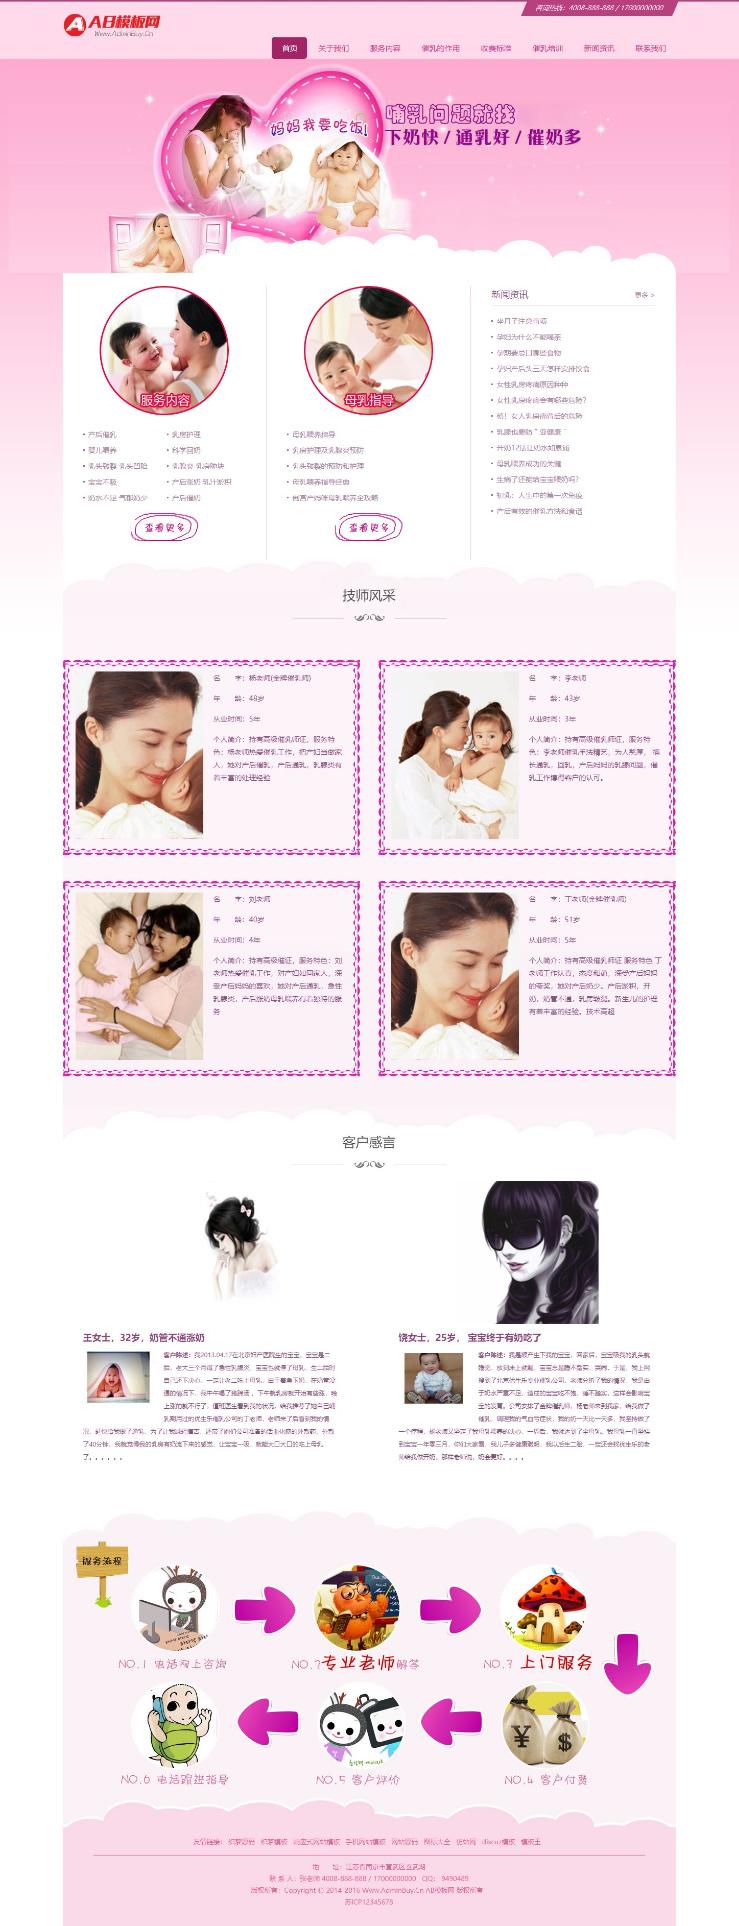 粉红色母婴月嫂网站源码 织梦dedecms模板[自适应手机版] 第1张